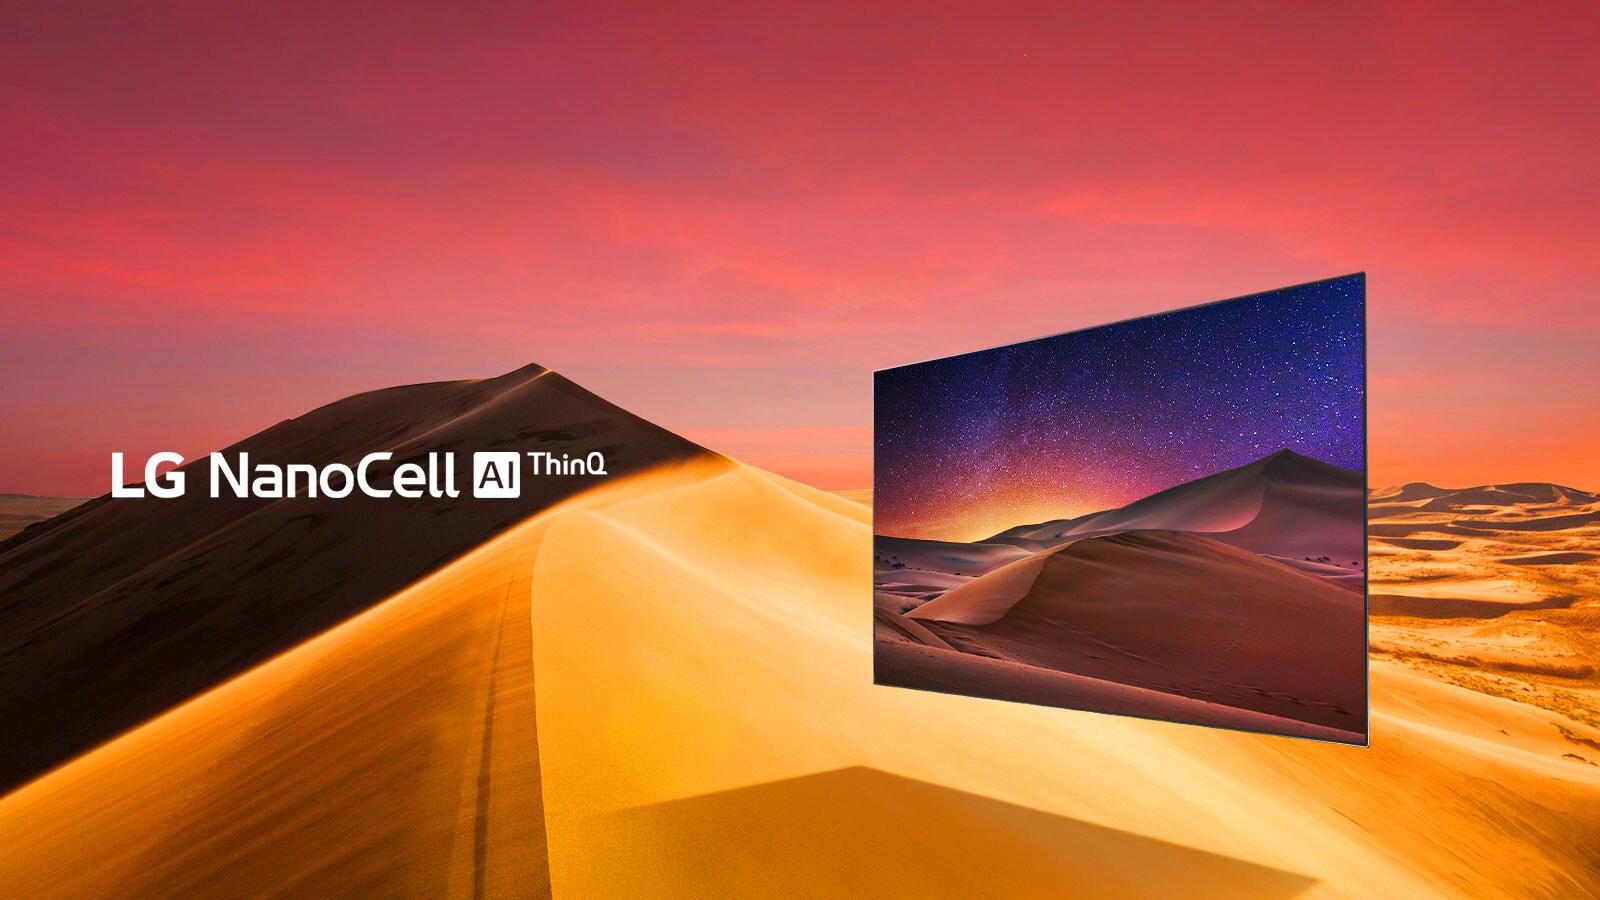 LG 55 NanoCell TV | LG UAE